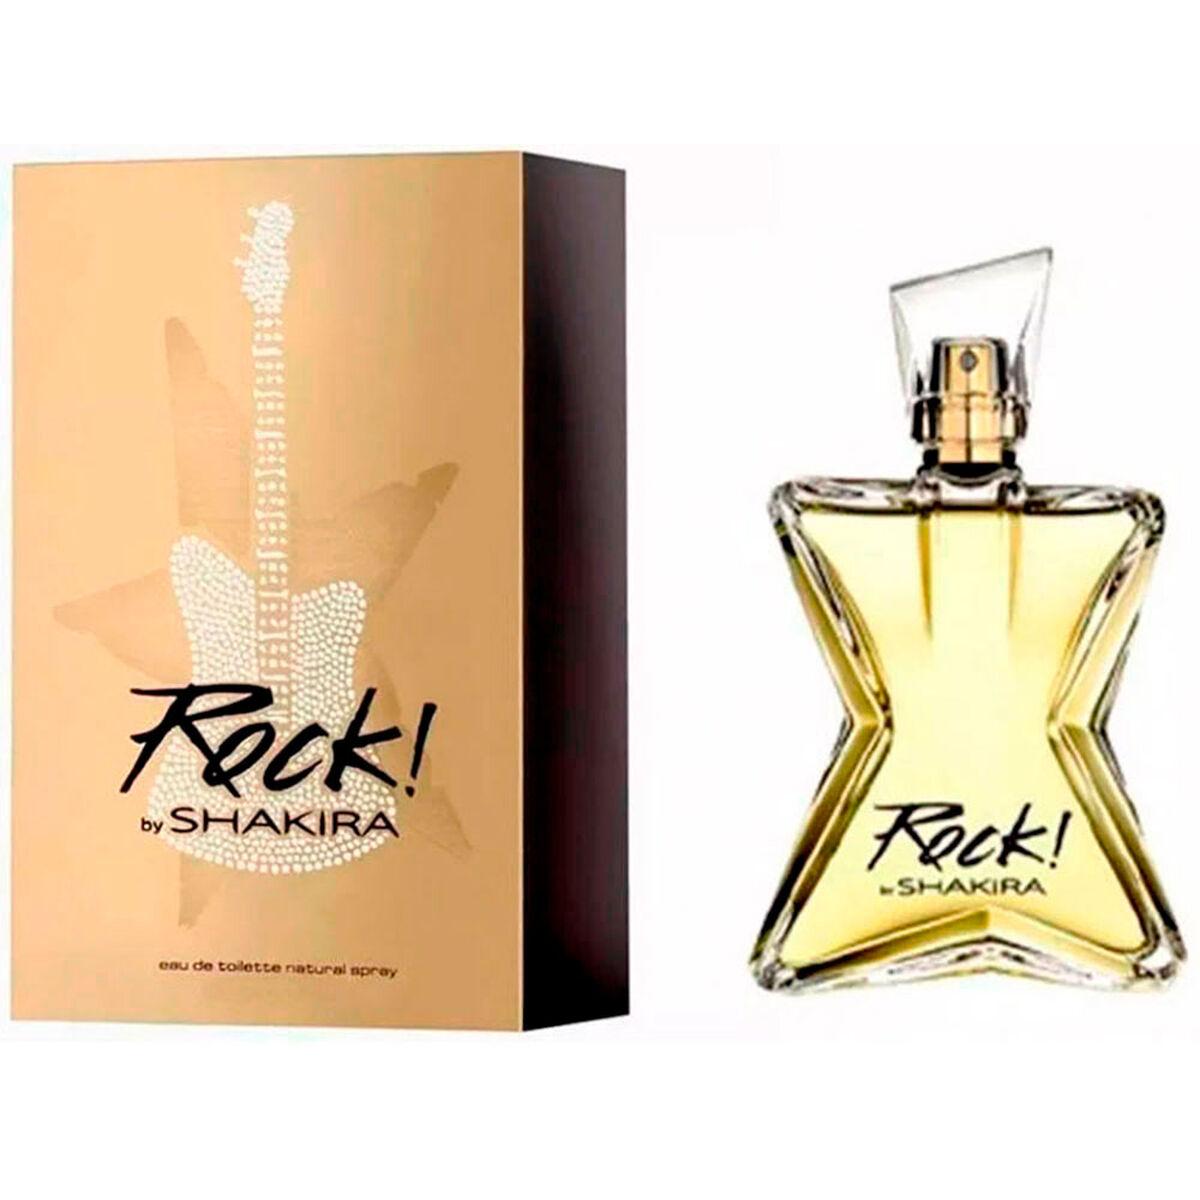 Perfume Shakira 80 ml